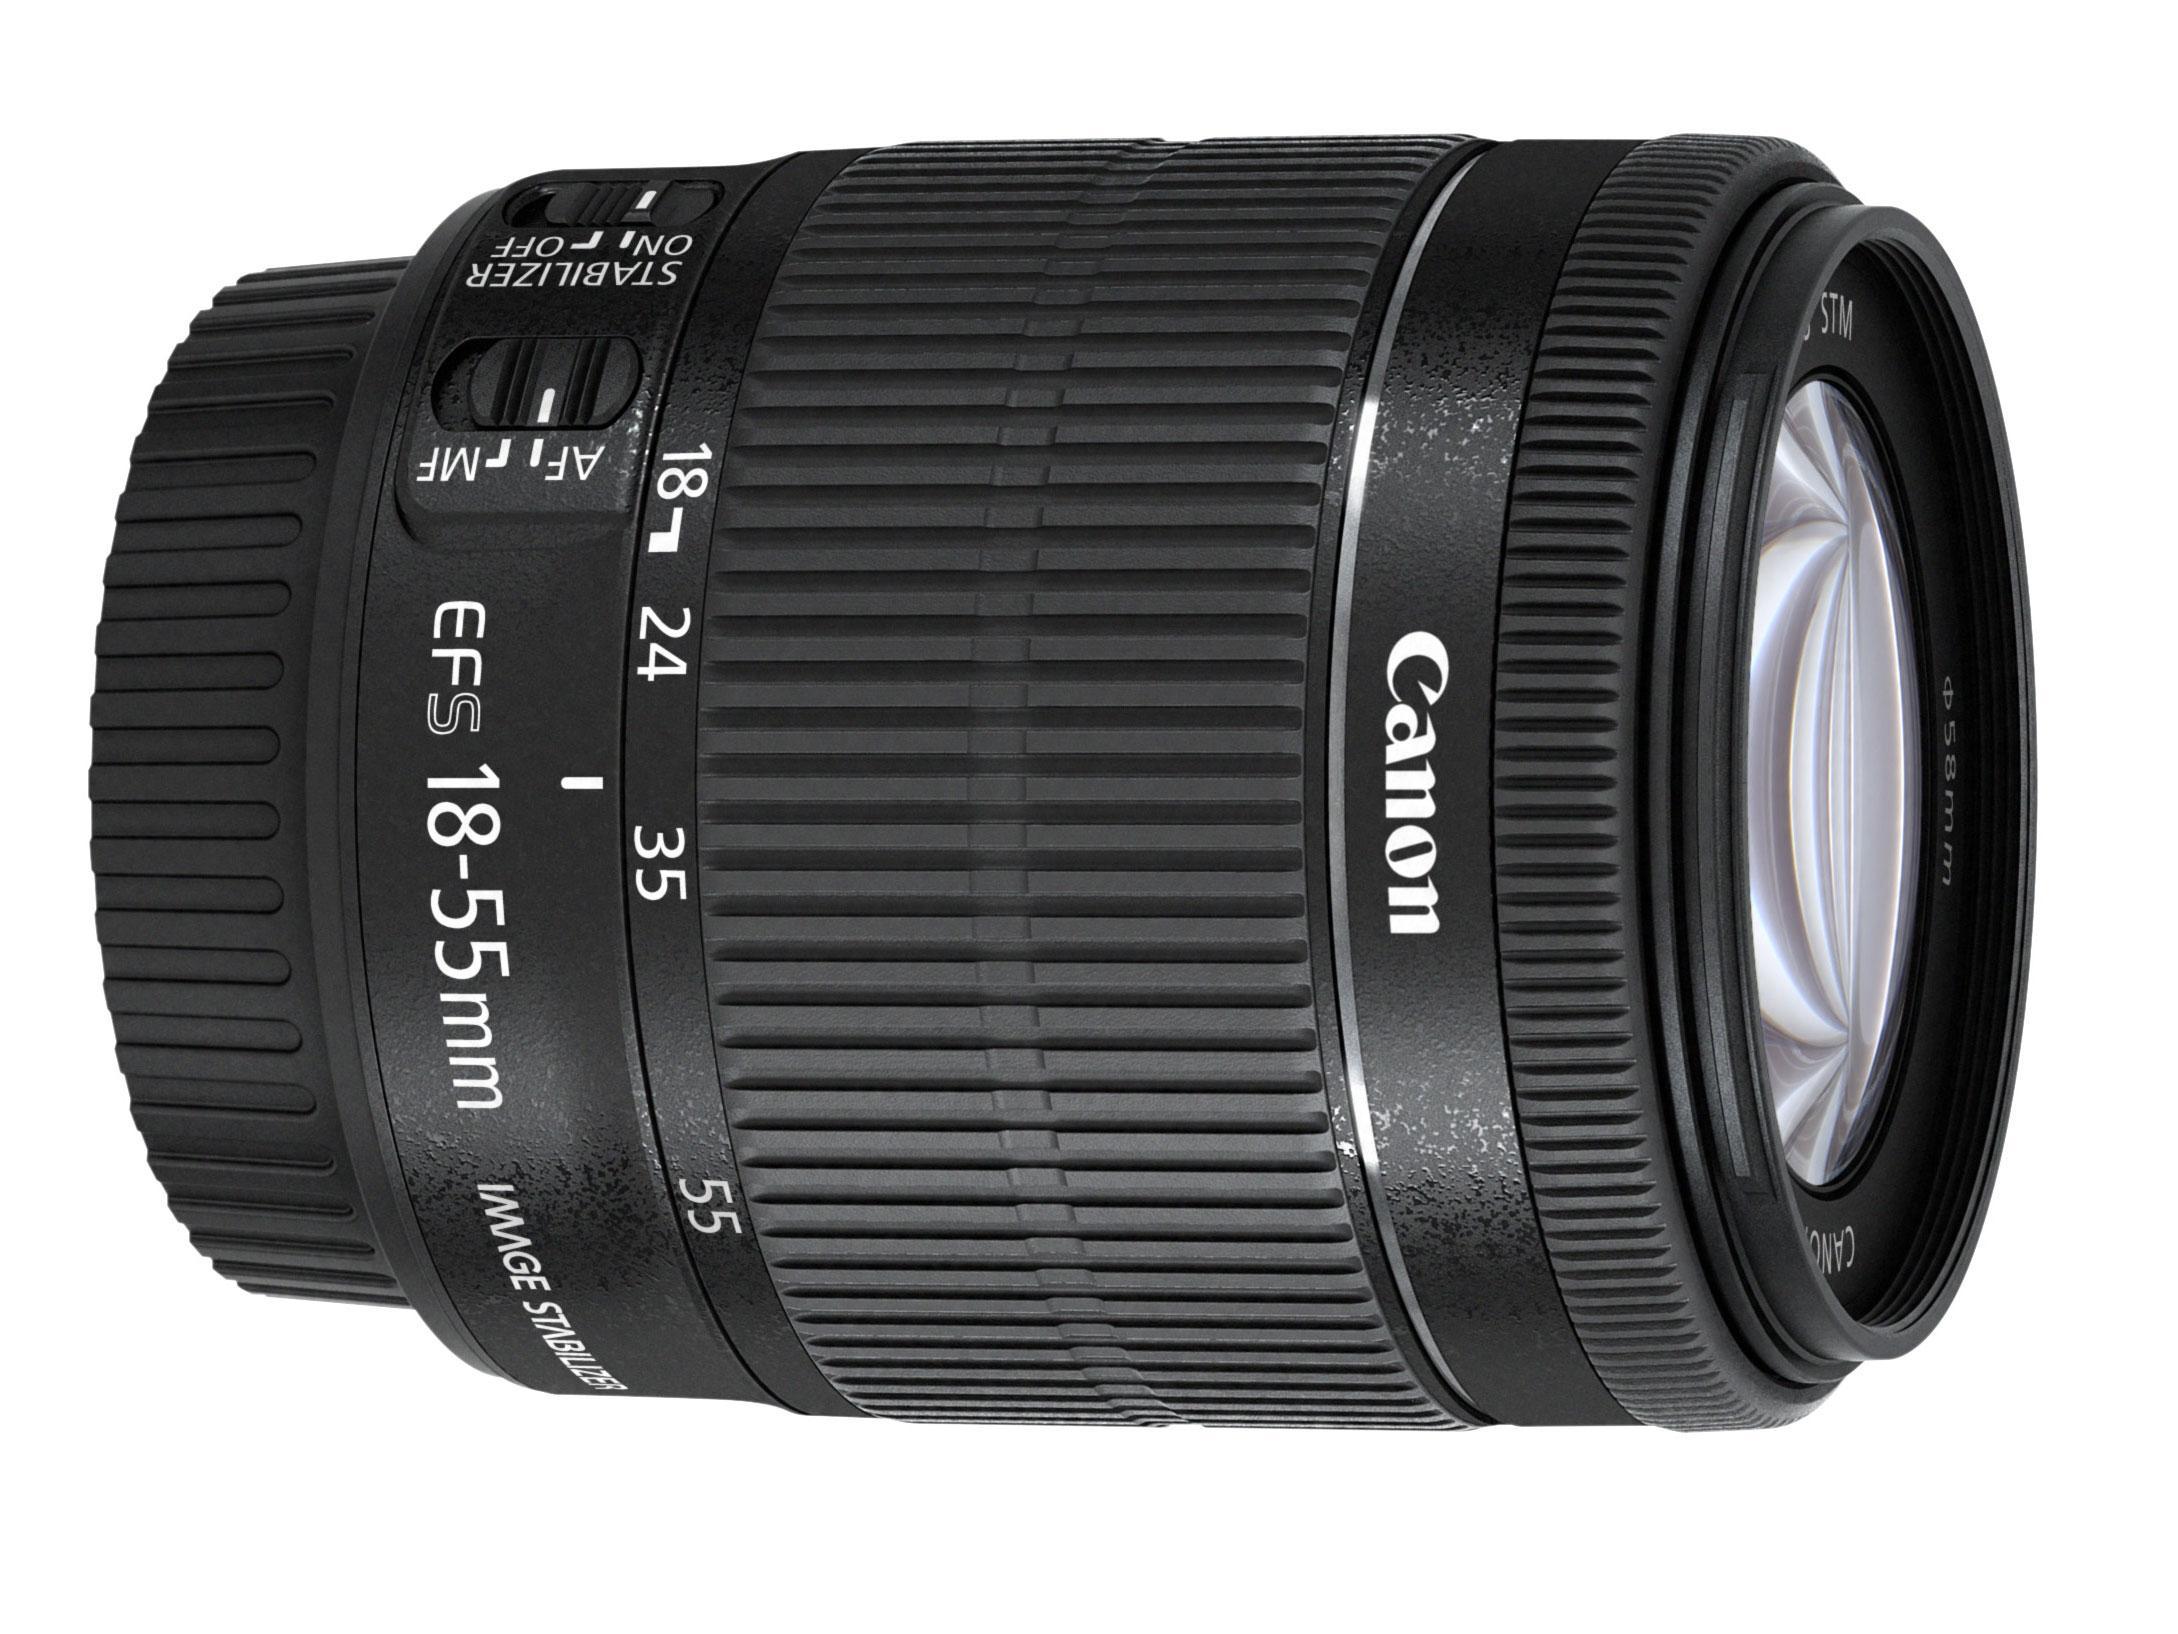 STM-motor skal gi rask, presis og stillegående autofokus, spesielt tilpasset videoopptak.Foto: Canon